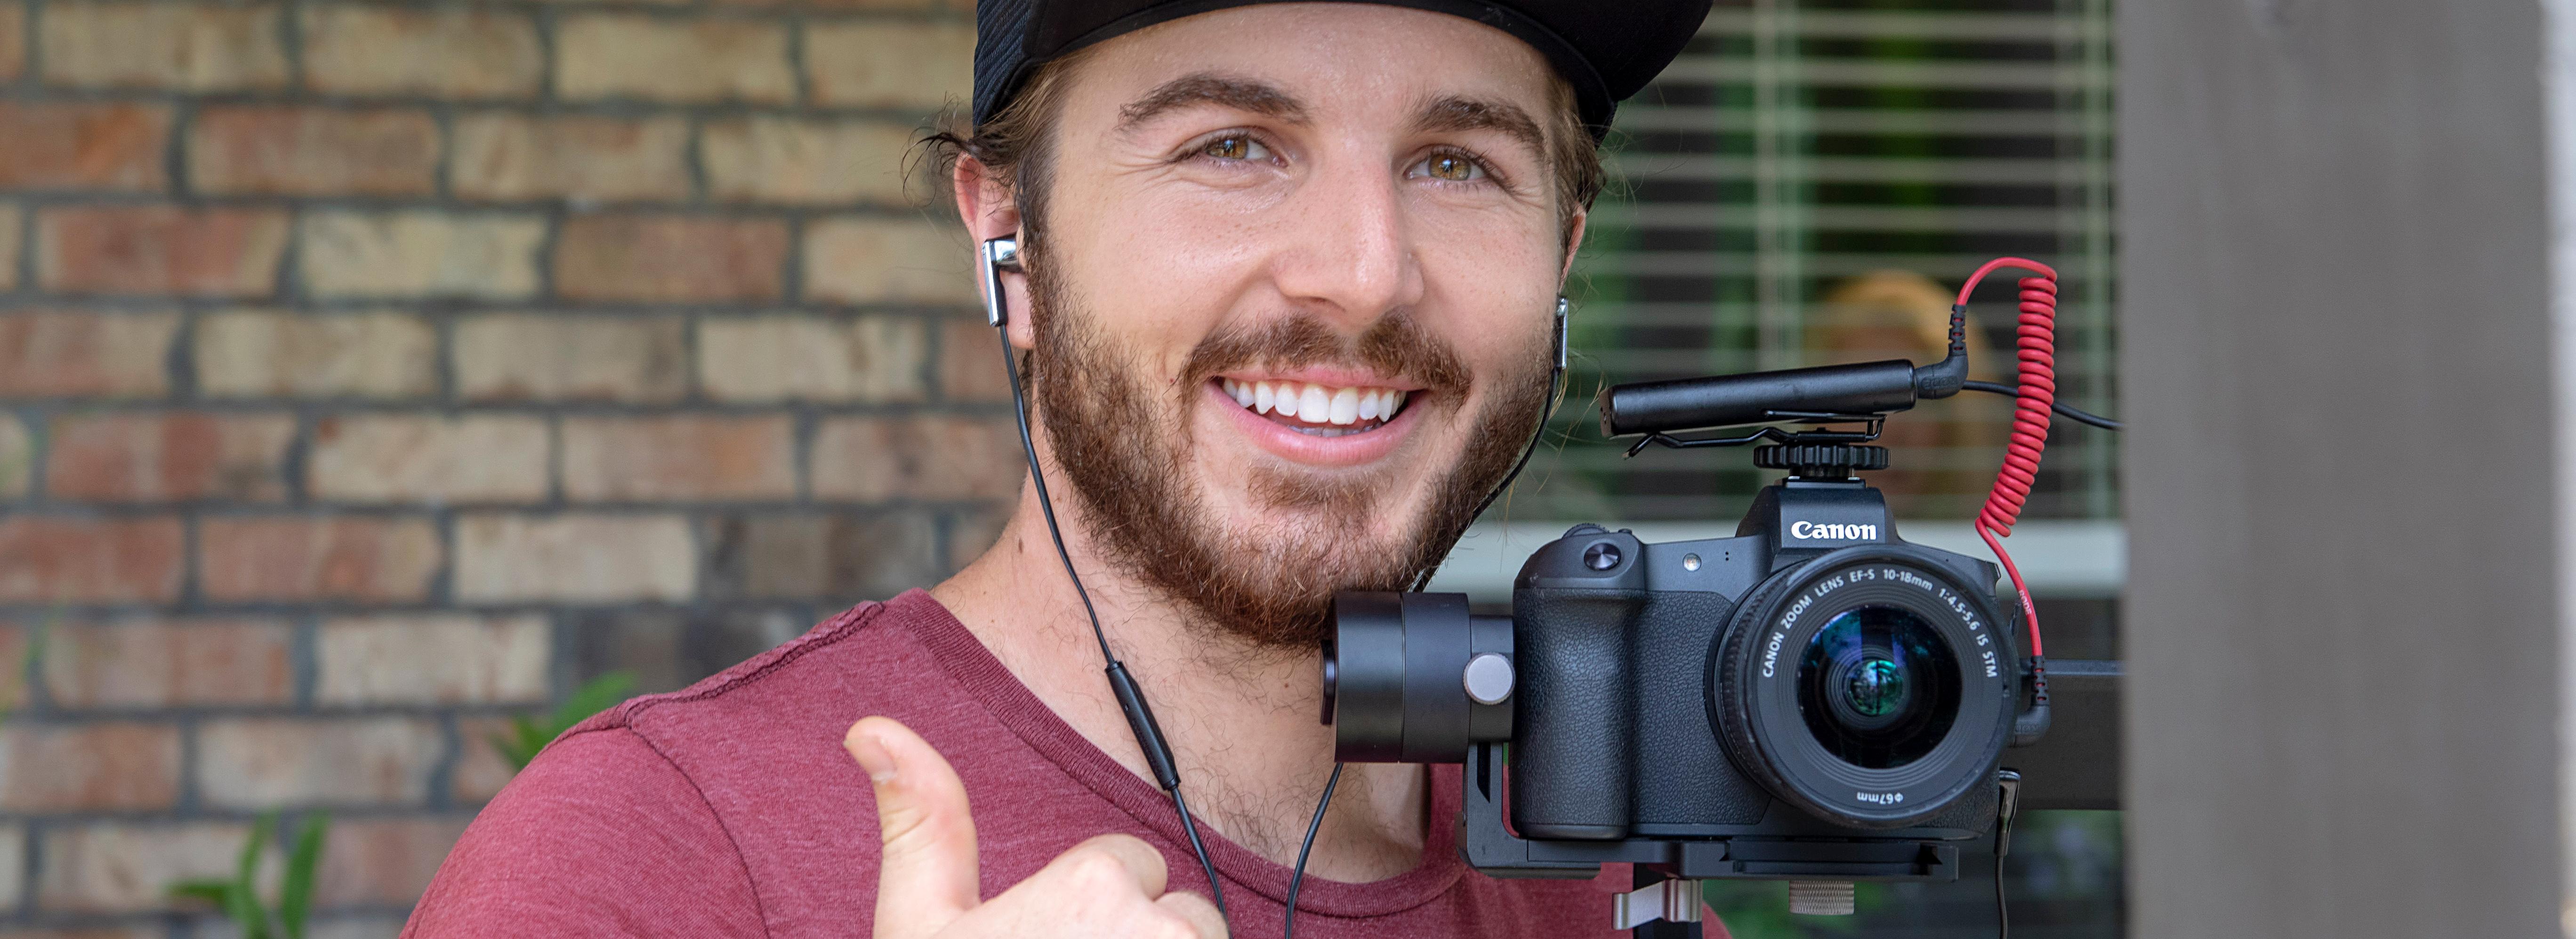 Matt Stone - Photographer